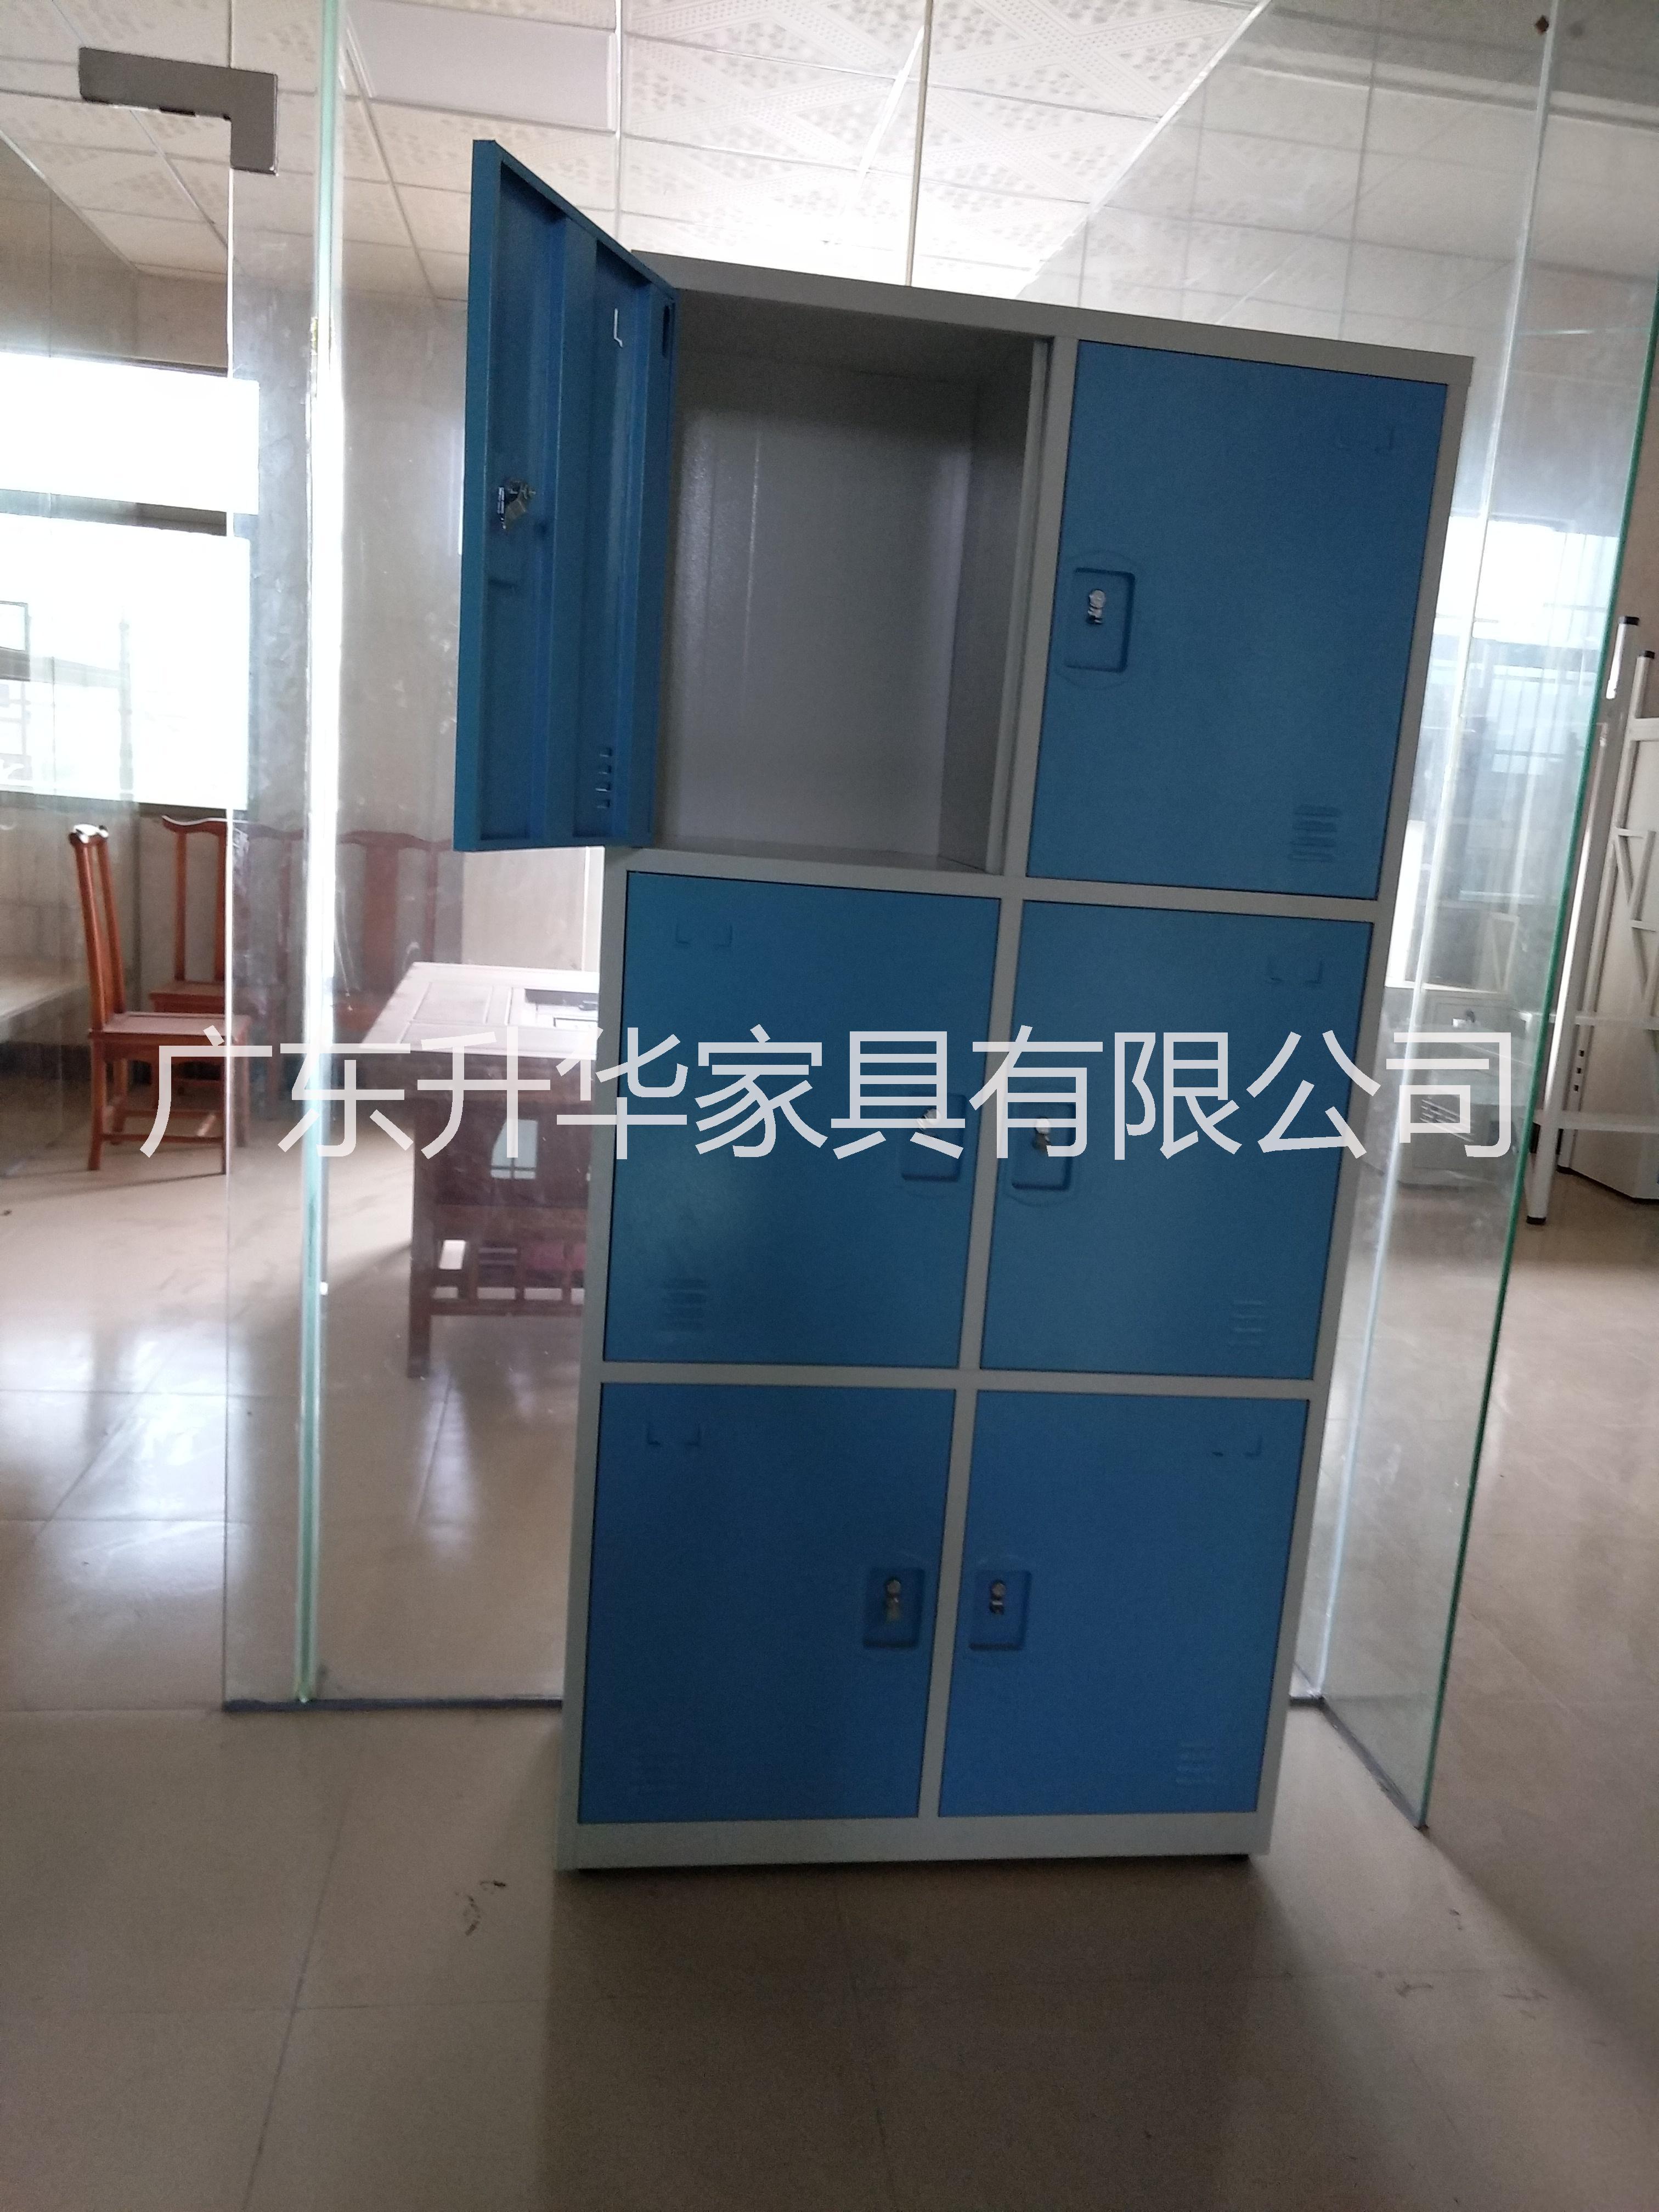 东莞铁柜生产厂家广东铁柜厂 六6门储物柜员工衣柜宿舍衣柜